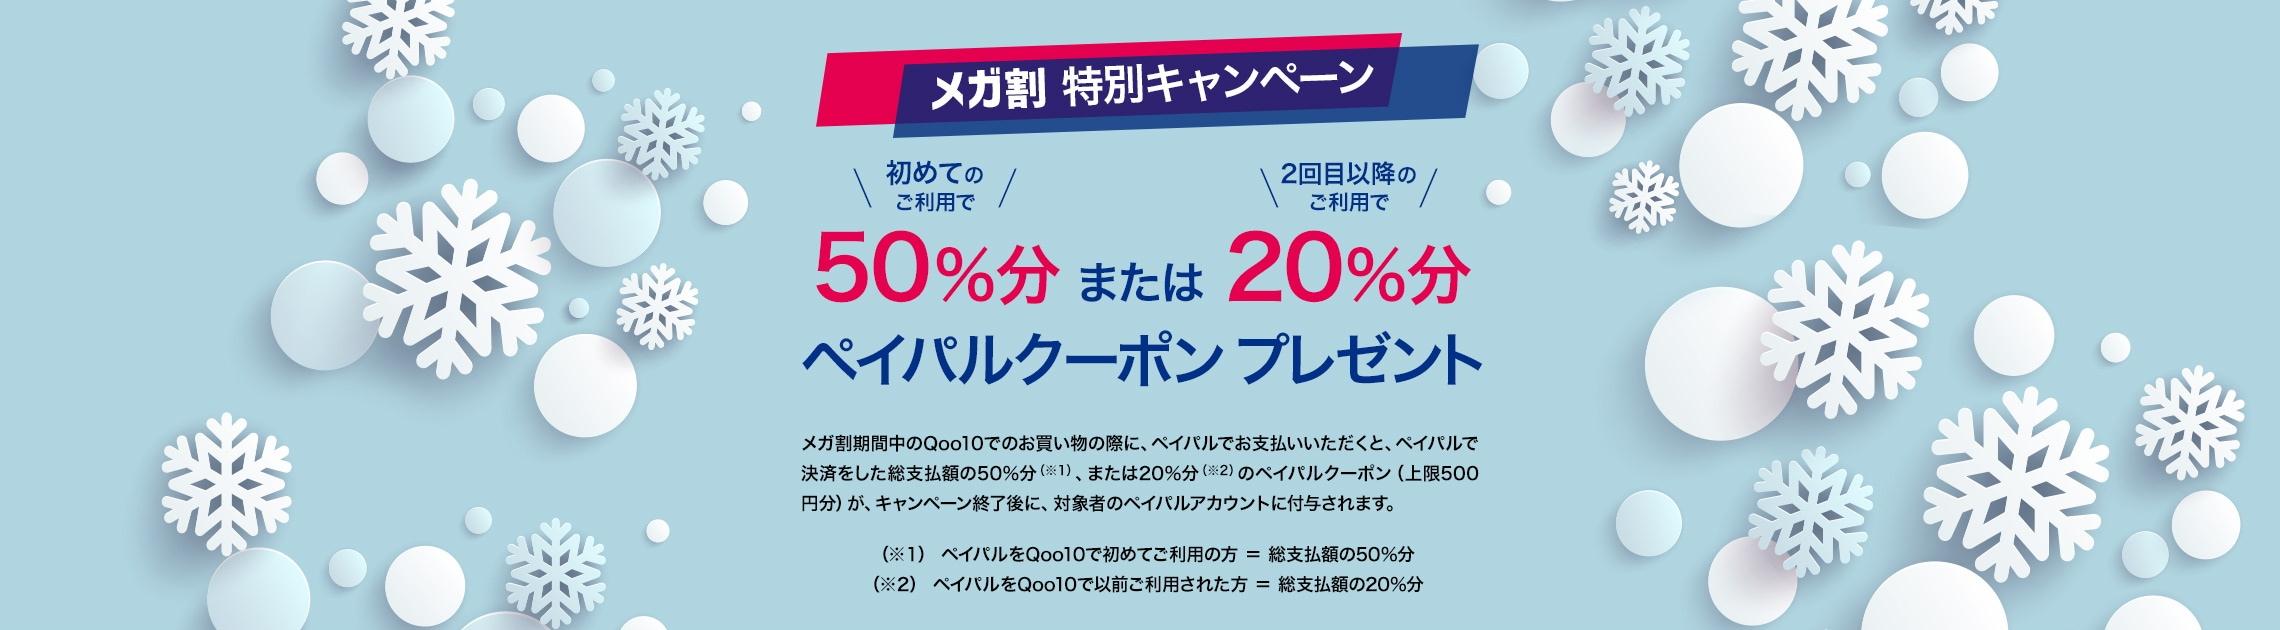 メガ割特別キャンペーン 20%分ペイパルクーポンプレゼント